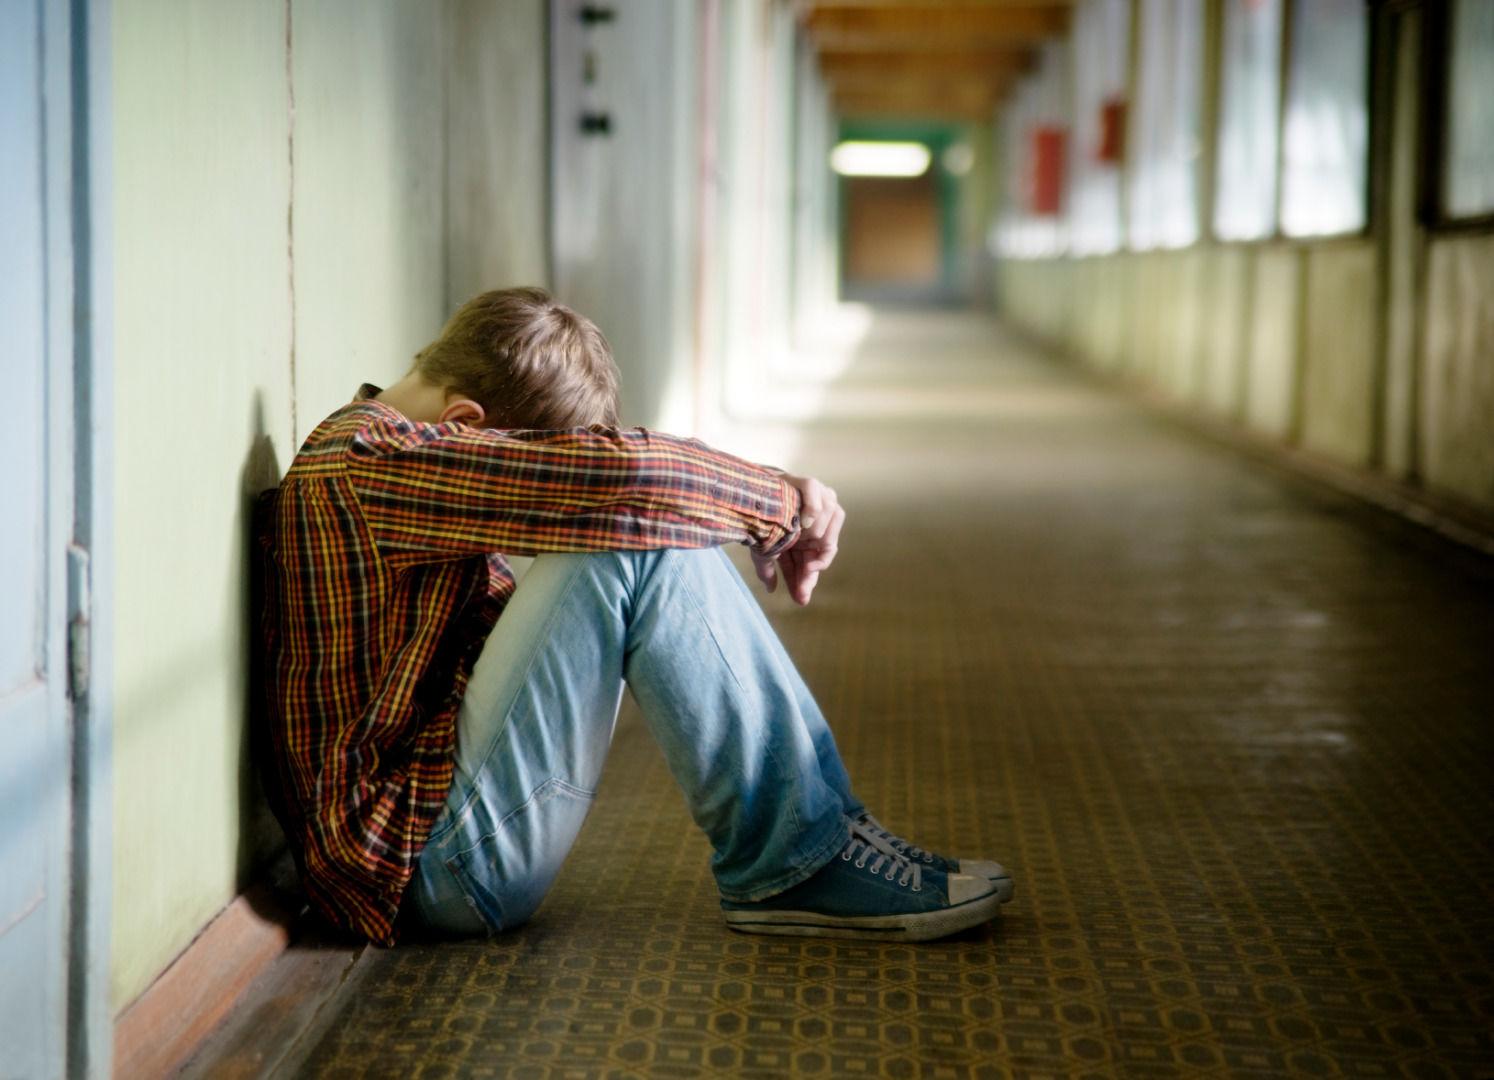 depressed-kid-suicidal-boy-9fa34ea48ed96edec0f05a039b4cca50.jpg